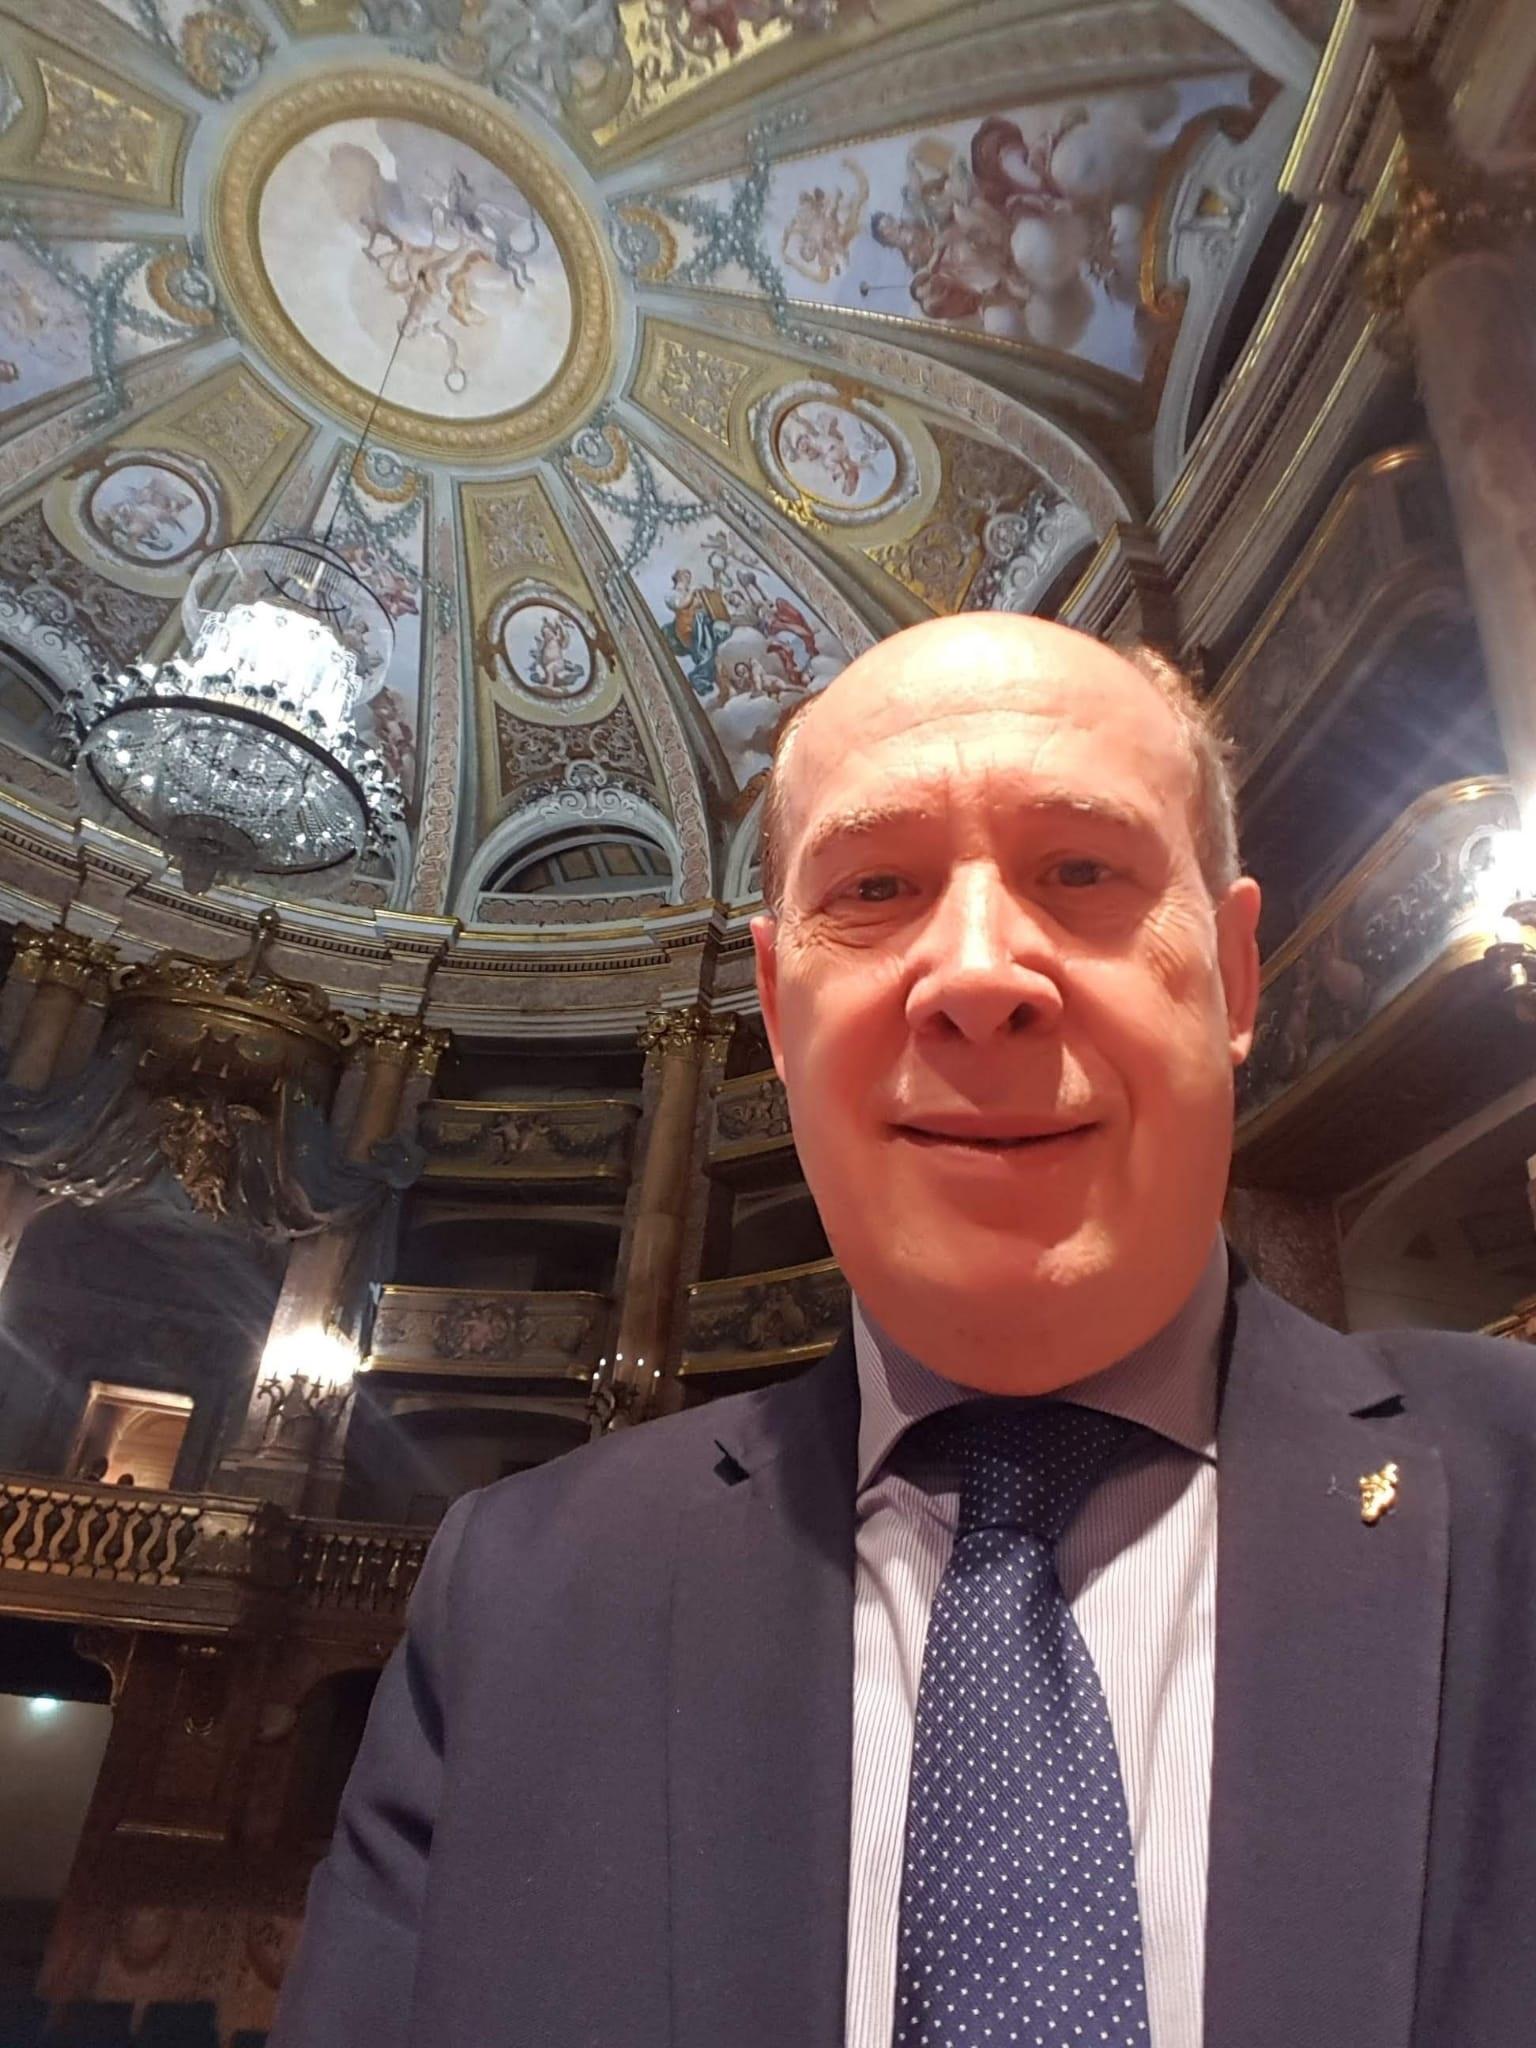 SERAO PER L'OSPEDALE DI CASERTA  UN COCKTAIL A CHI DONA